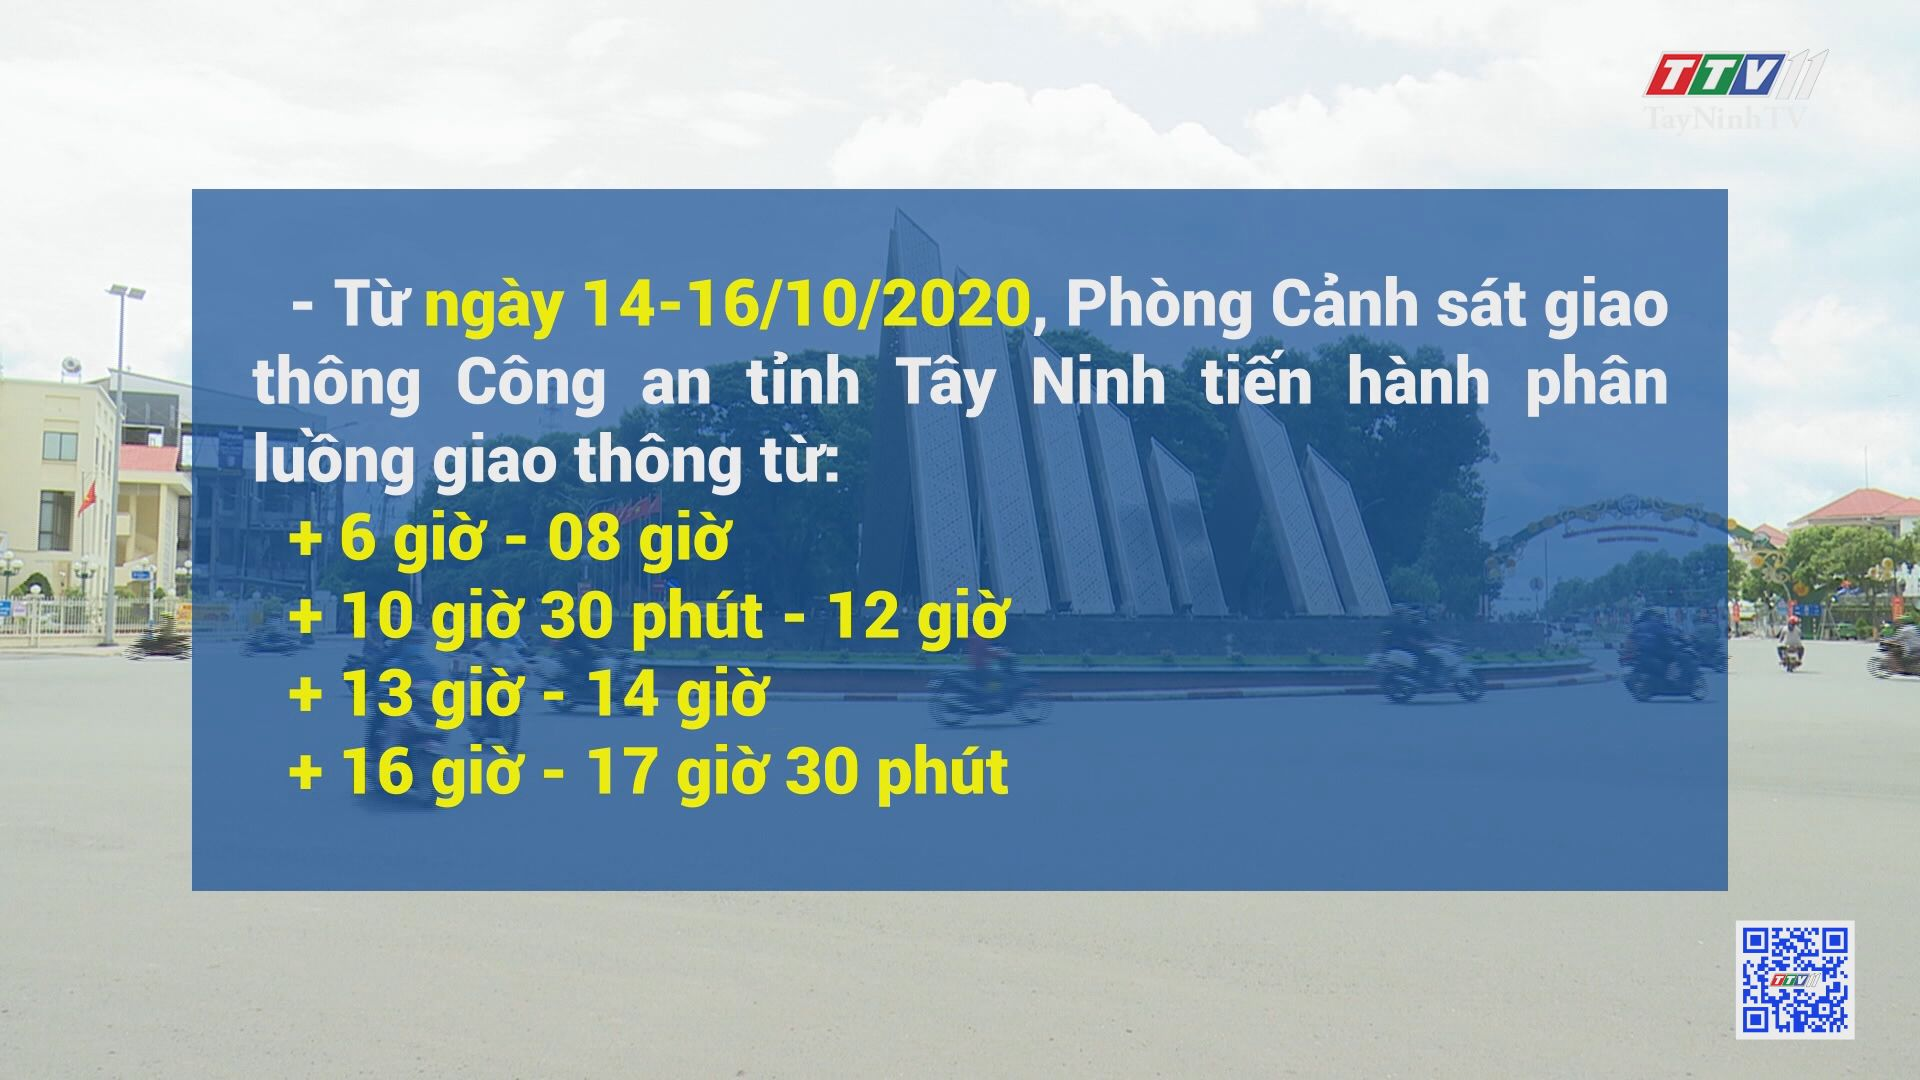 Phân luồng giao thông đảm bảo trật tự an toàn giao thông Đại hội Đảng bộ tỉnh Tây Ninh lần thứ XI | ĐẠI HỘI ĐẢNG CÁC CẤP | TayNinhTV